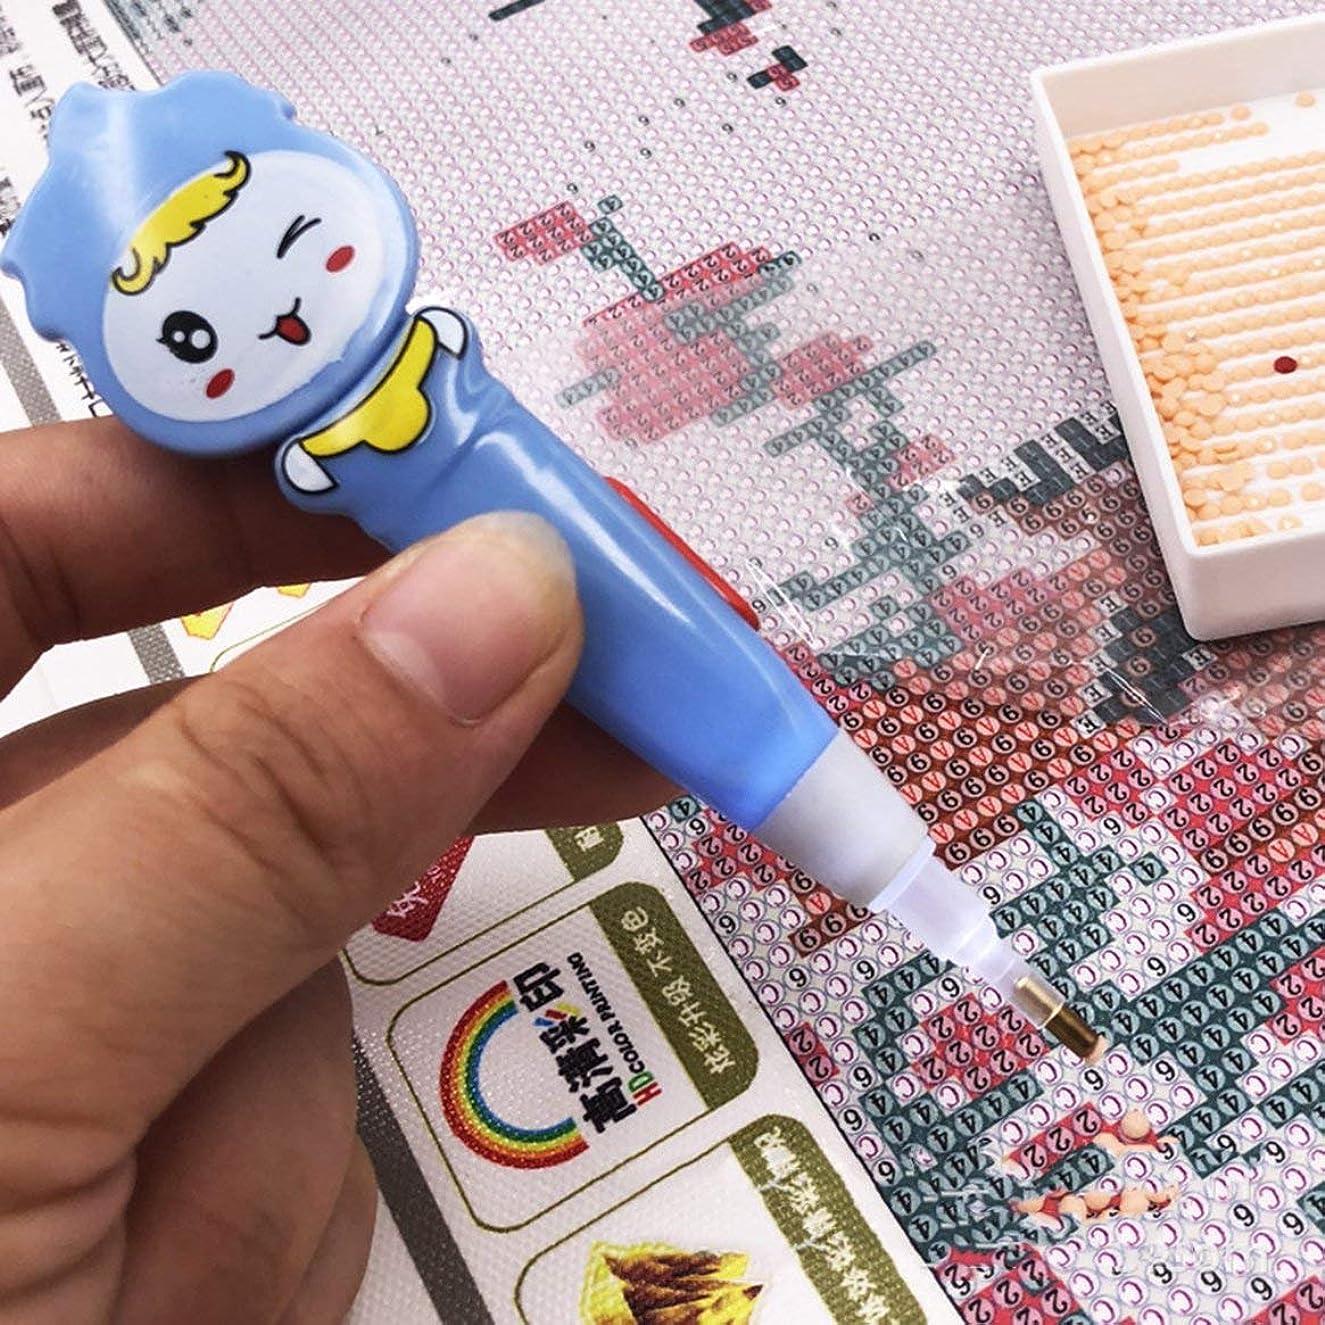 れんが首アリーナポータブルサイズ5DダイヤモンドペインティングポイントペンスーパーブライトLEDライトラインストーン刺繍ツールドリルライト付きペン(ブルー)